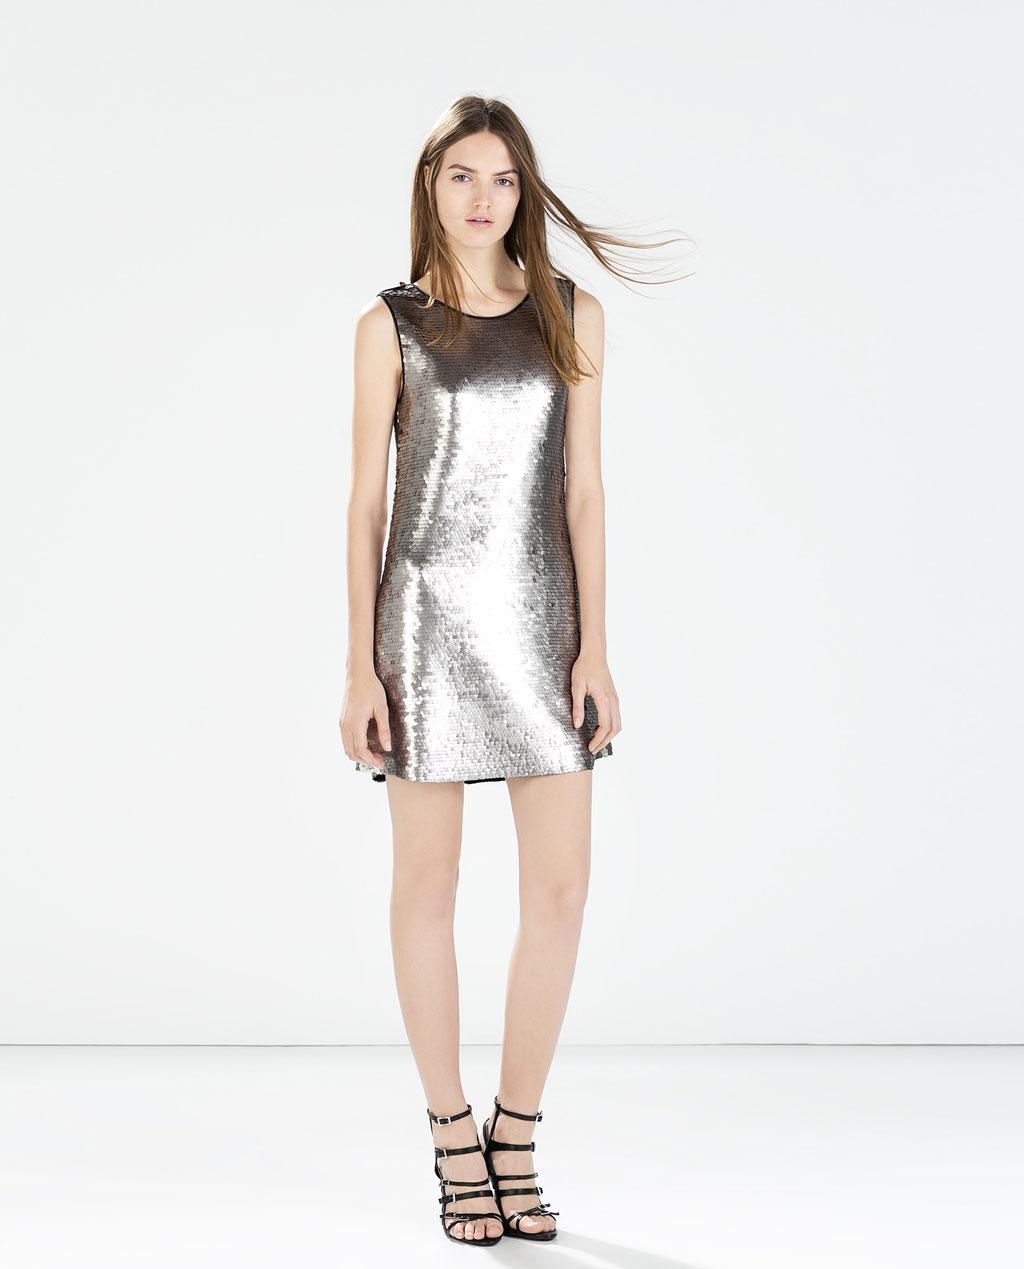 vestidos de fiesta – Moda Tendencias – Personal Shopper